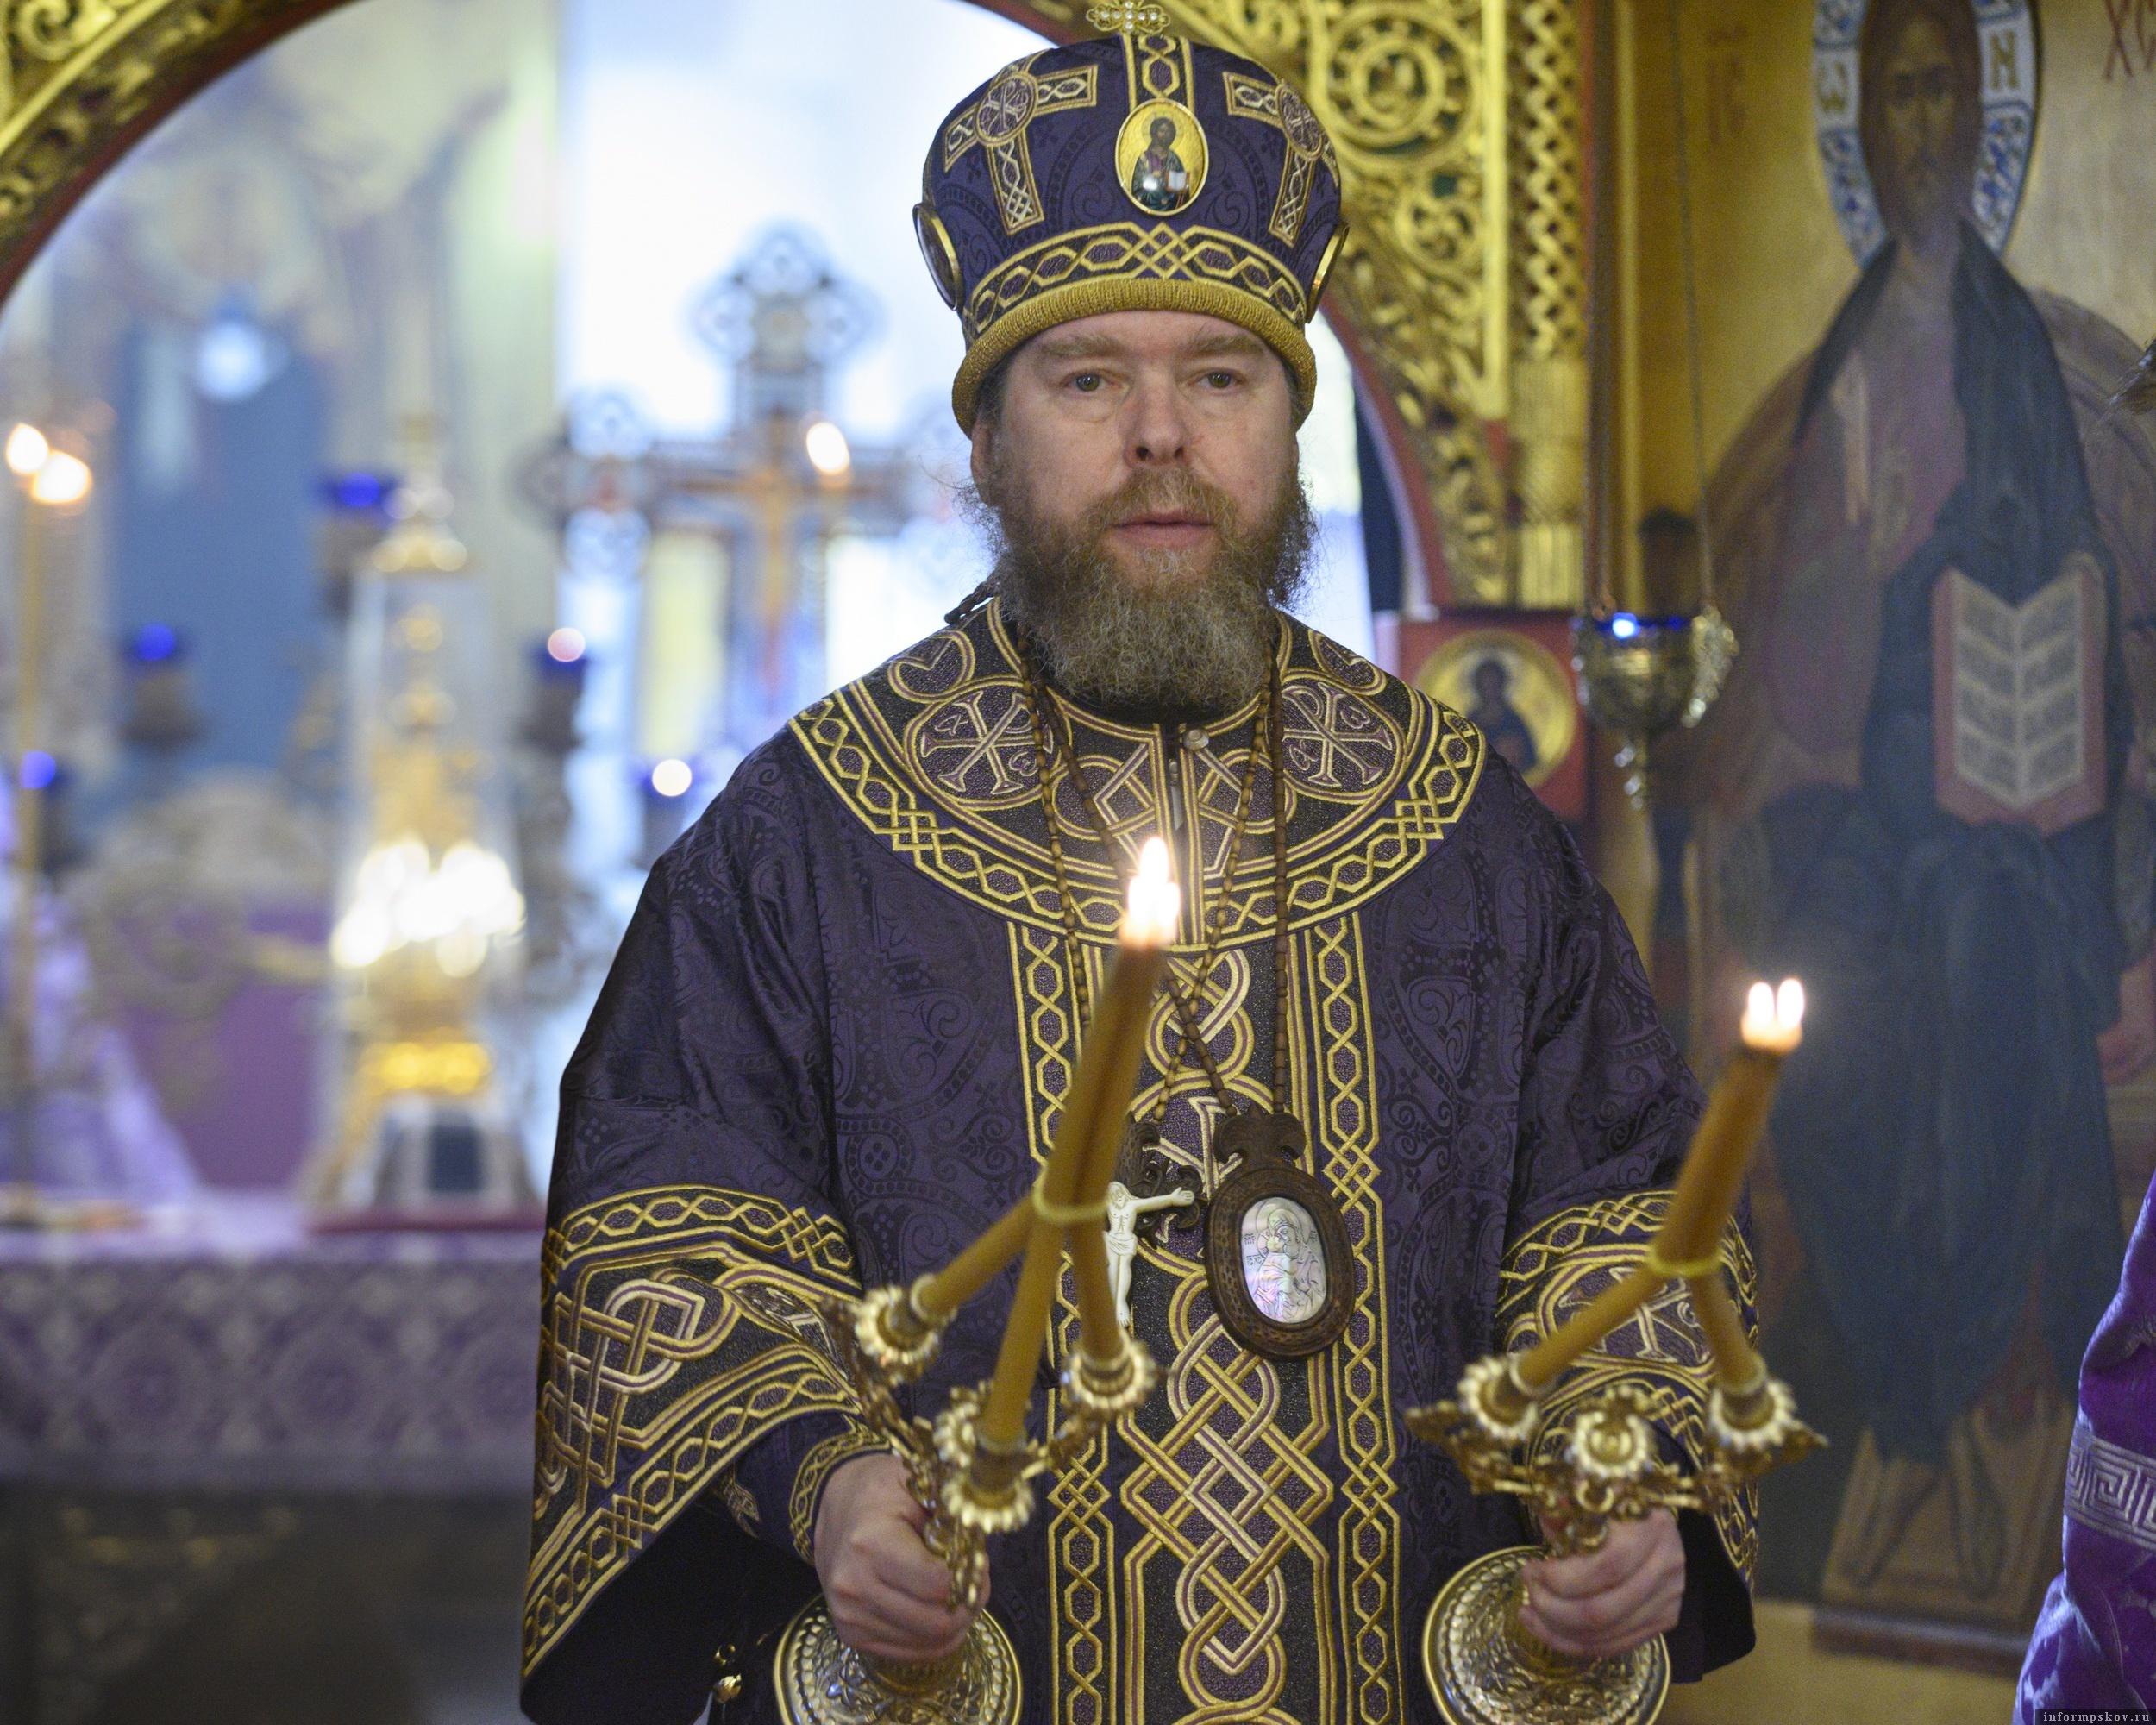 Митрополит - это... митрополиты русской церкви